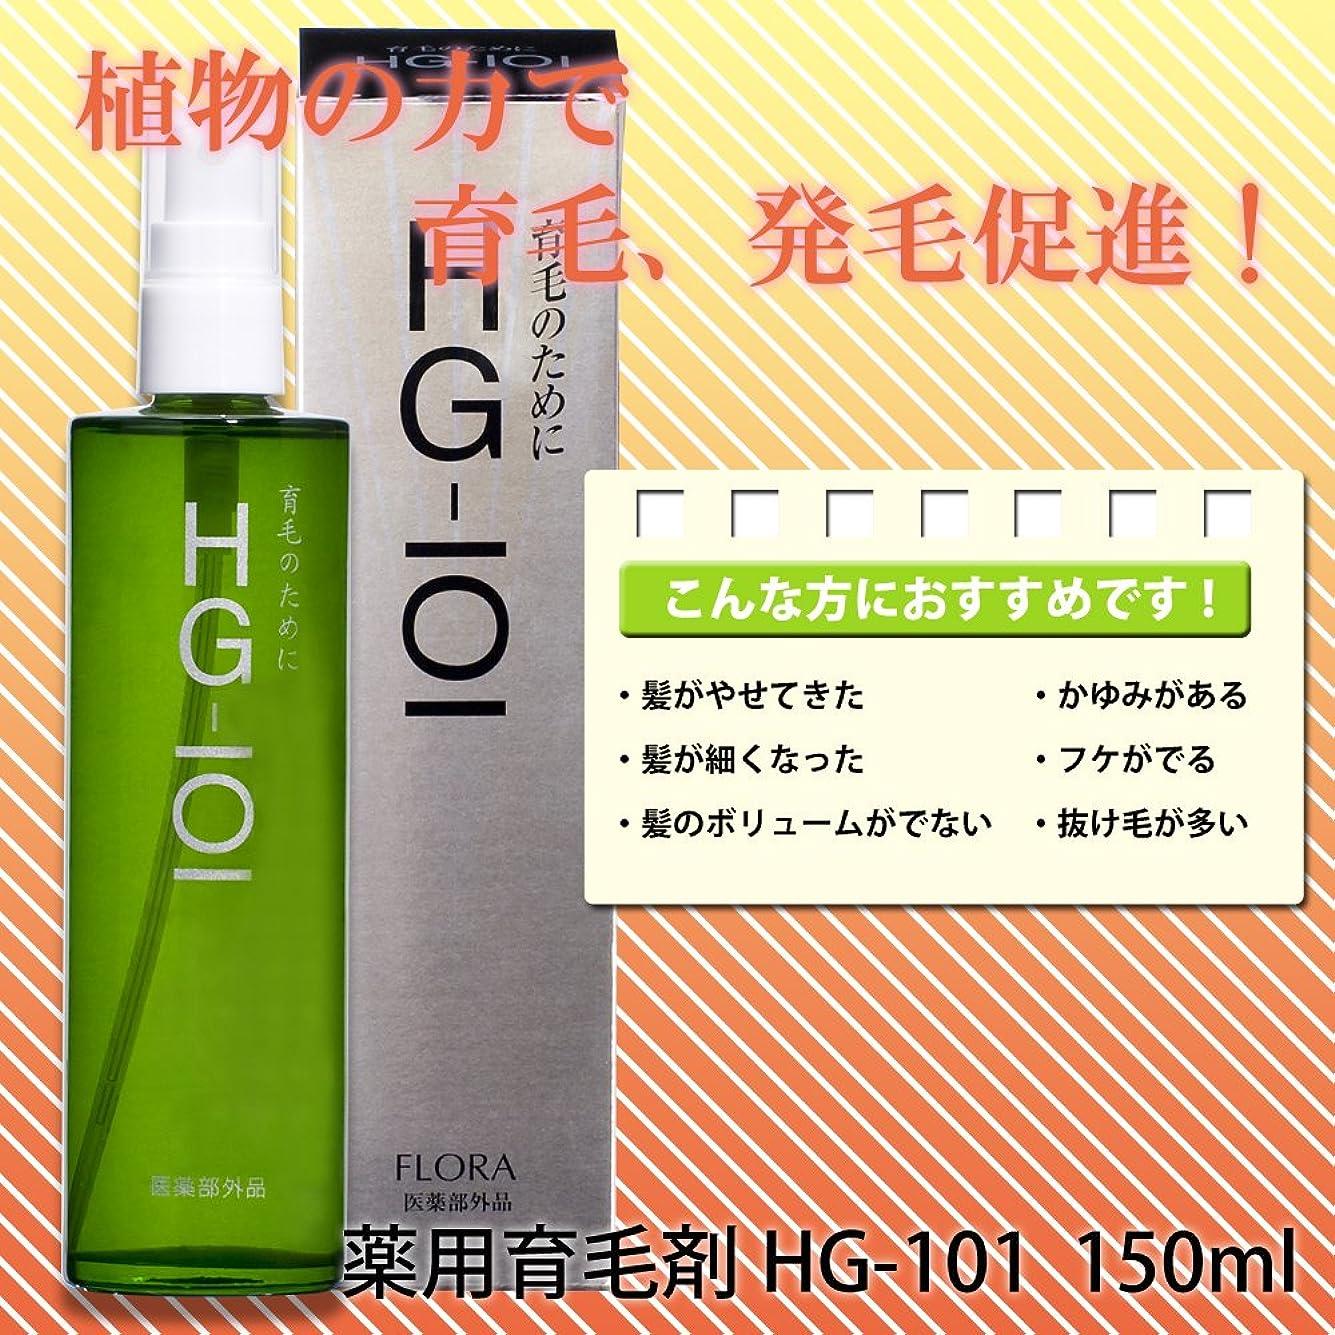 ジャーナリスト勃起タイマー薬用育毛剤HG-101 150ml